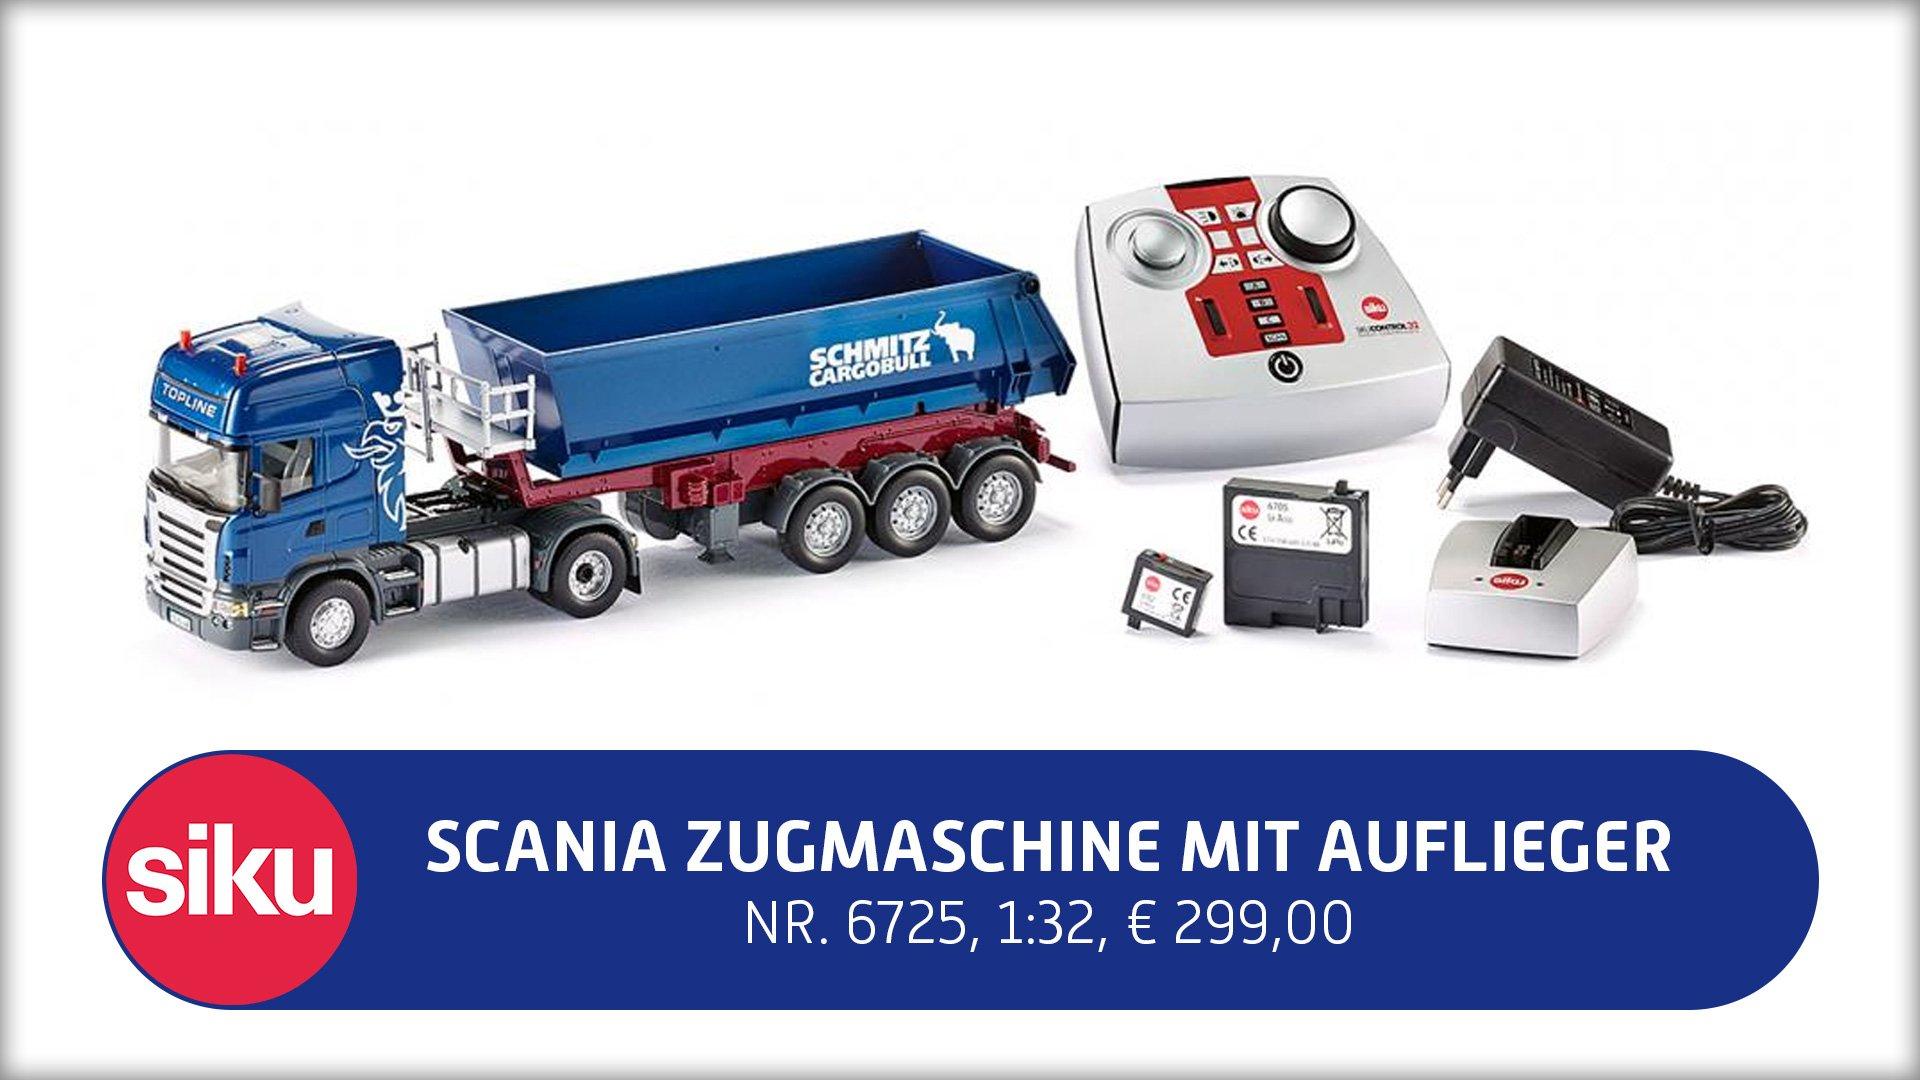 Scania Zugmaschine mit Kippsattelauflieger, Nr. 6725, 1:32, 299,00 €*